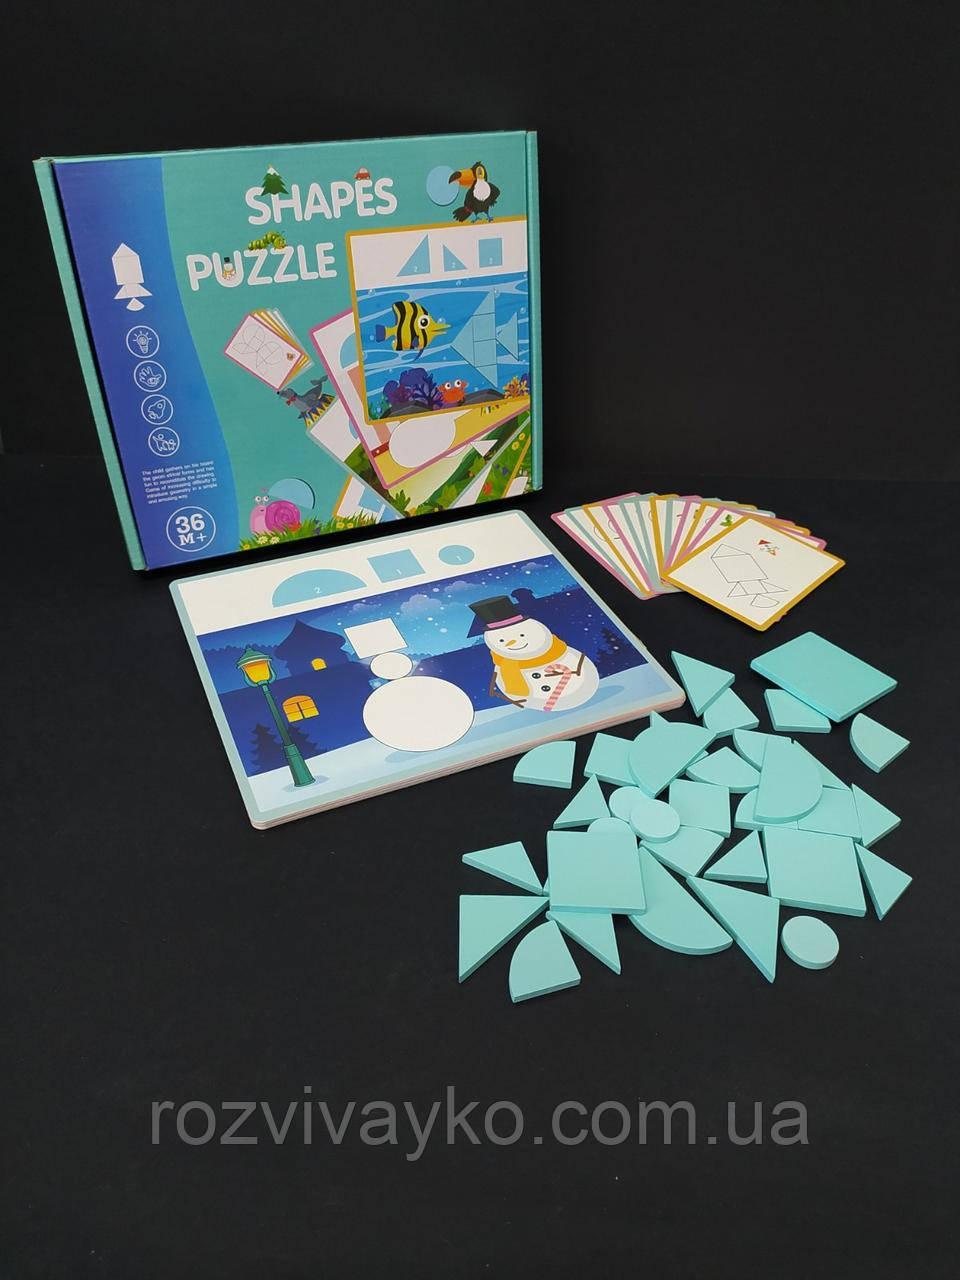 Деревянная игрушка Танграм-пазл, фигурки, карточки